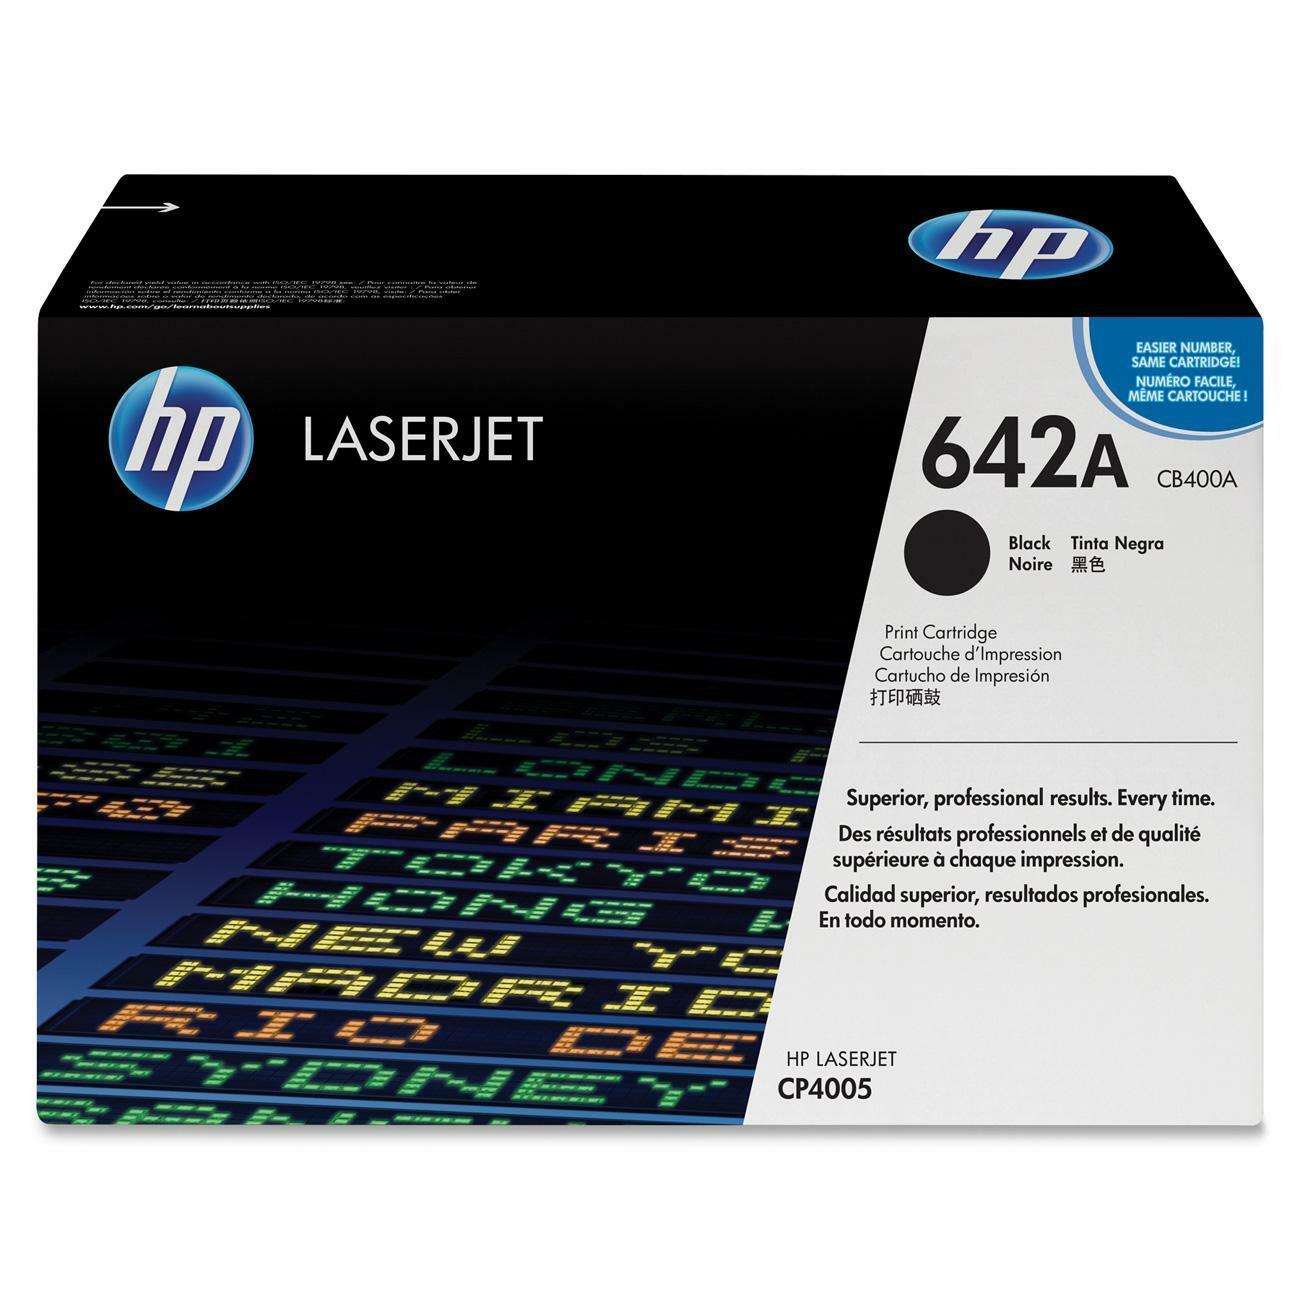 HP 642A Toner Cartridge